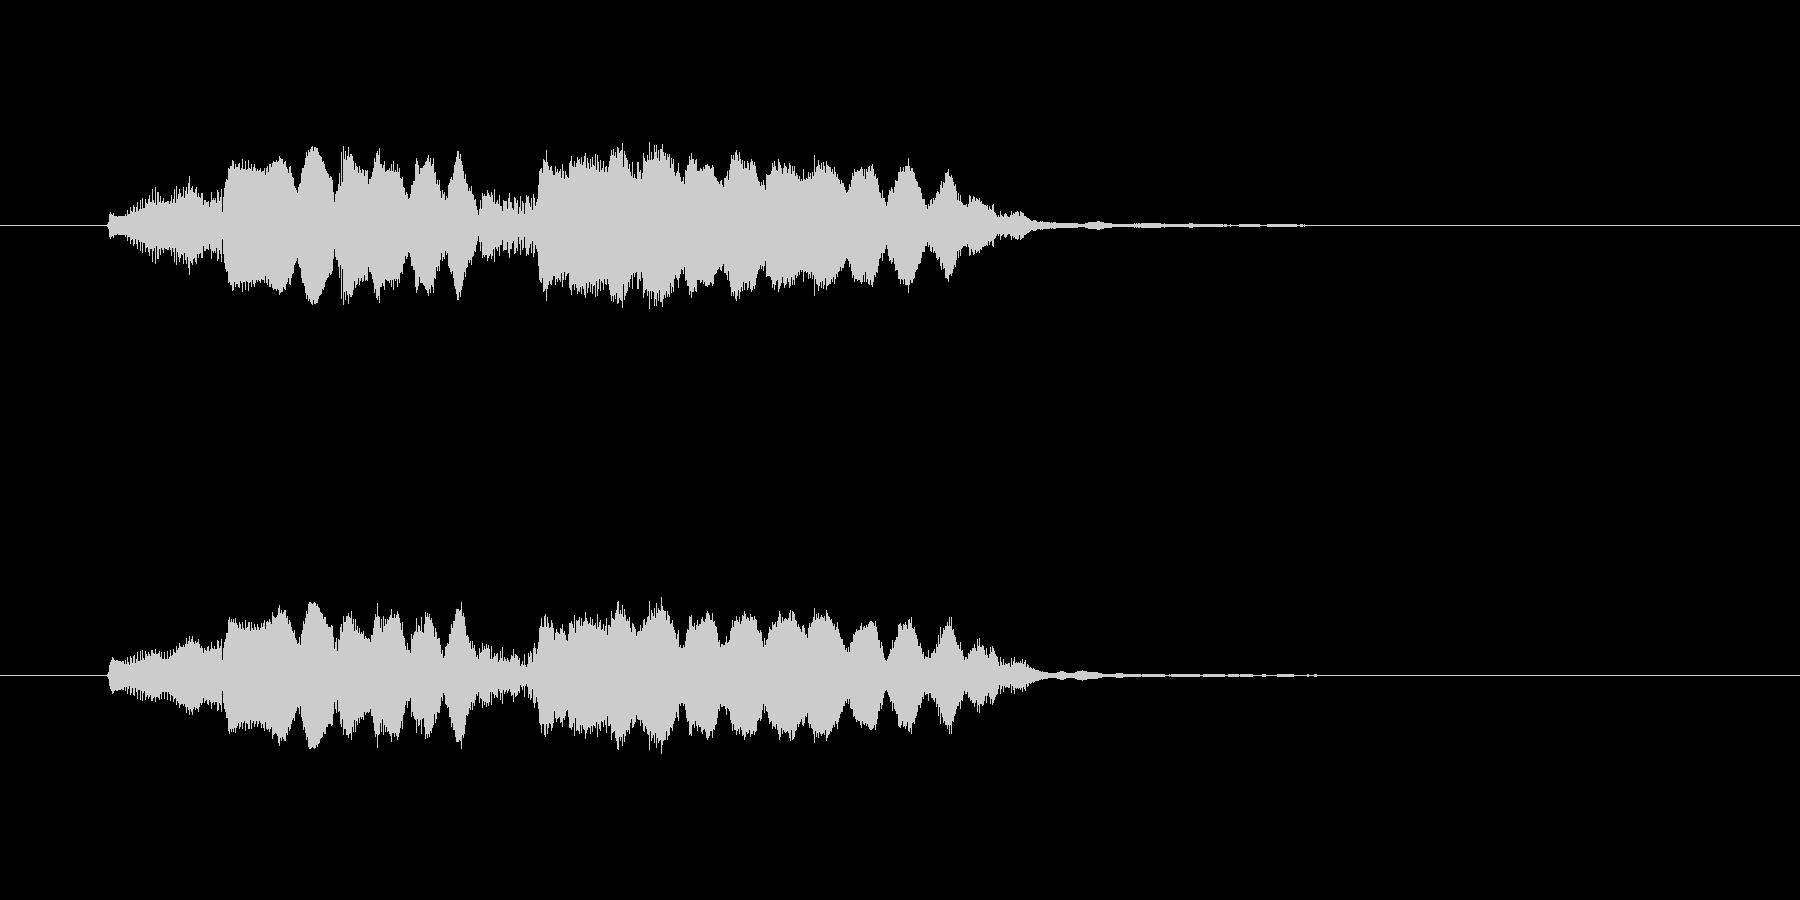 フォロロッロ~(爽やかなフルート)の未再生の波形